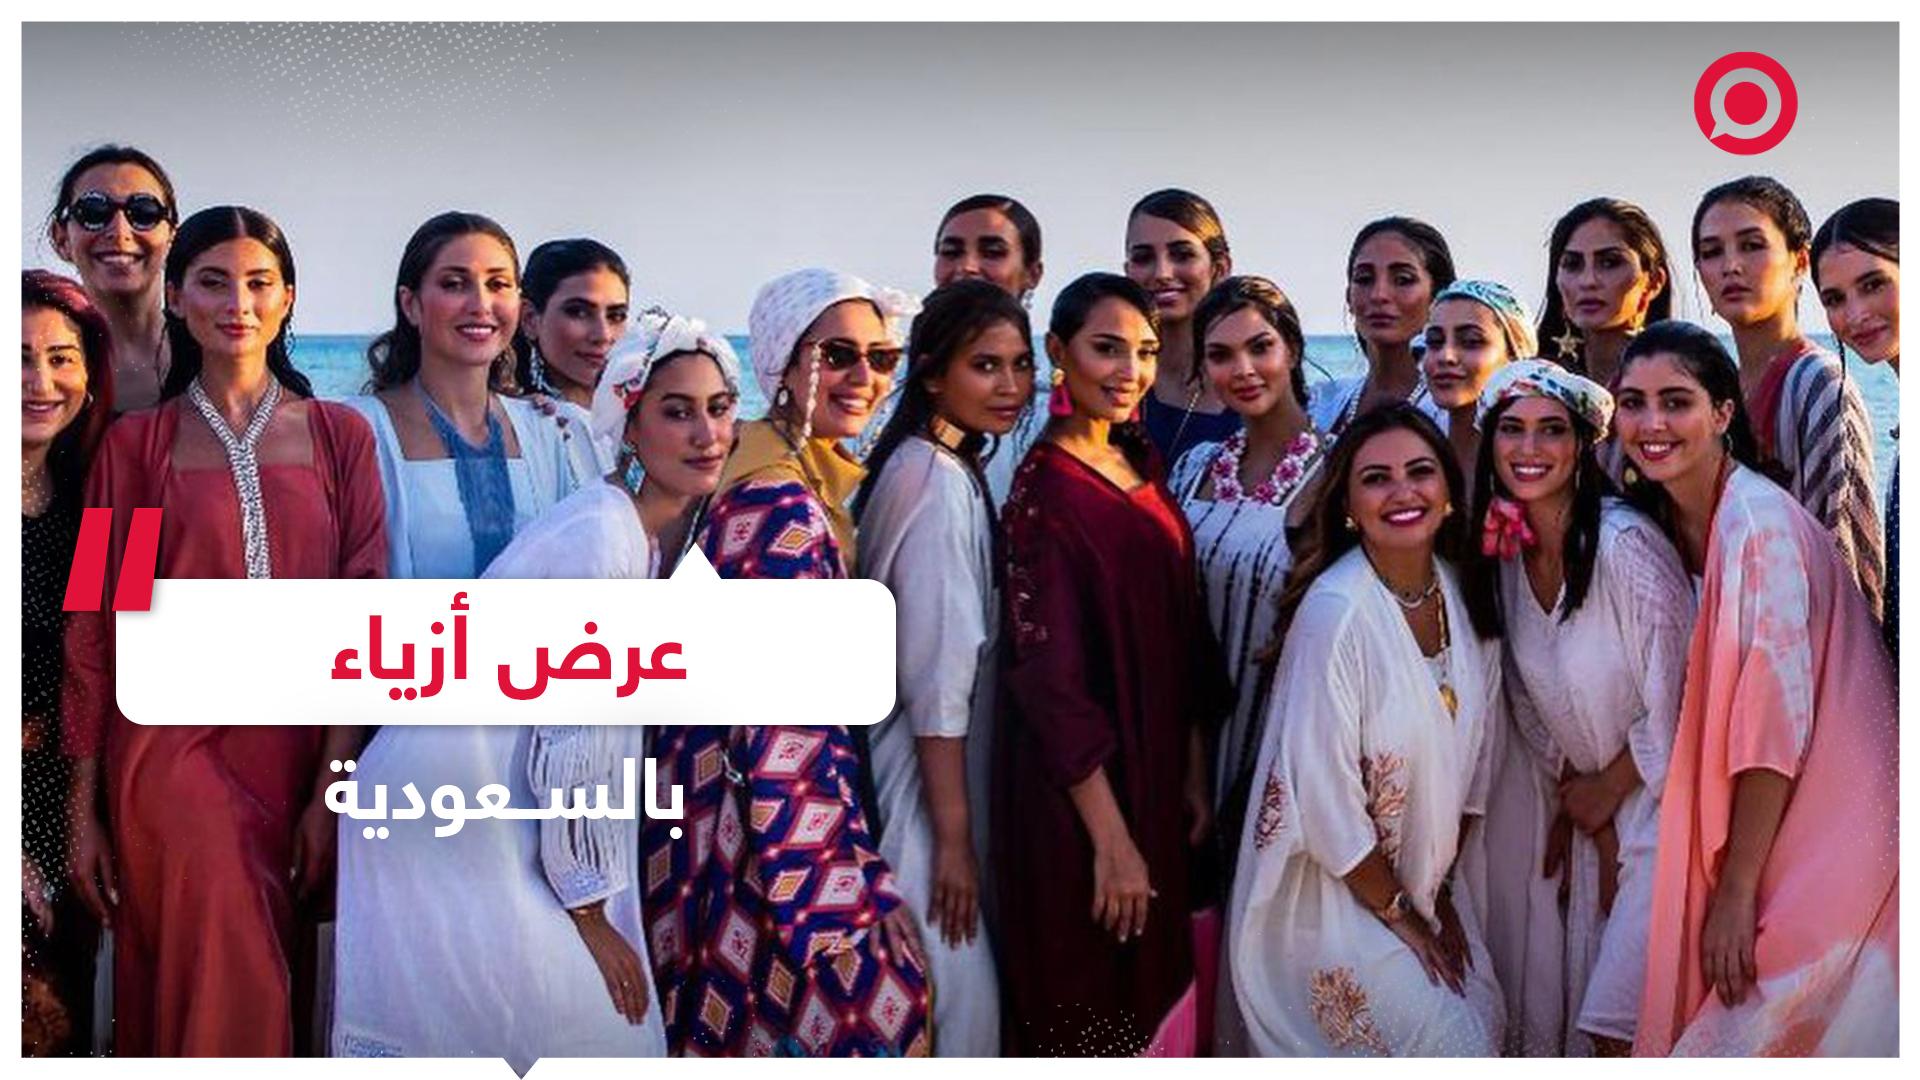 عرض أزياء على شاطئ البحر الأحمر في السعودية